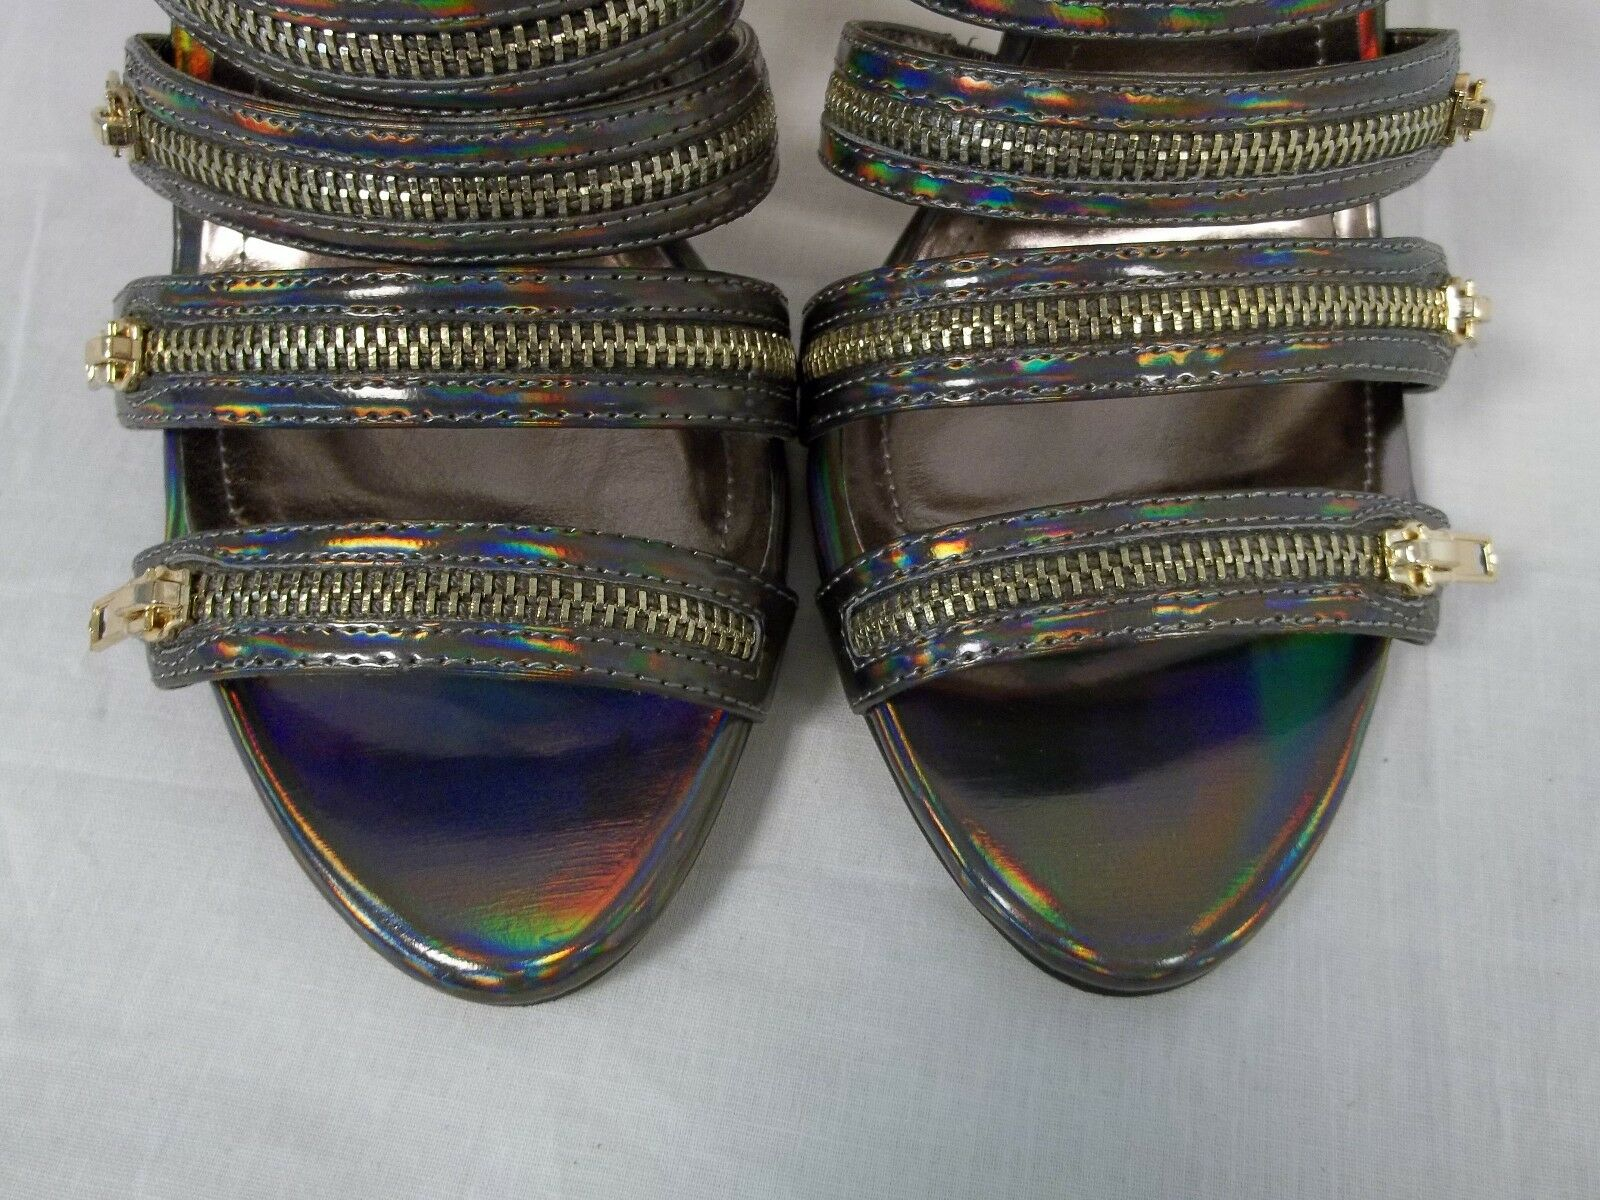 BCBGeneration BCBG Bronze Größe 6.5 M Casey Bronze BCBG Hologram Heels New Damenschuhe Schuhes NWB 5c5041